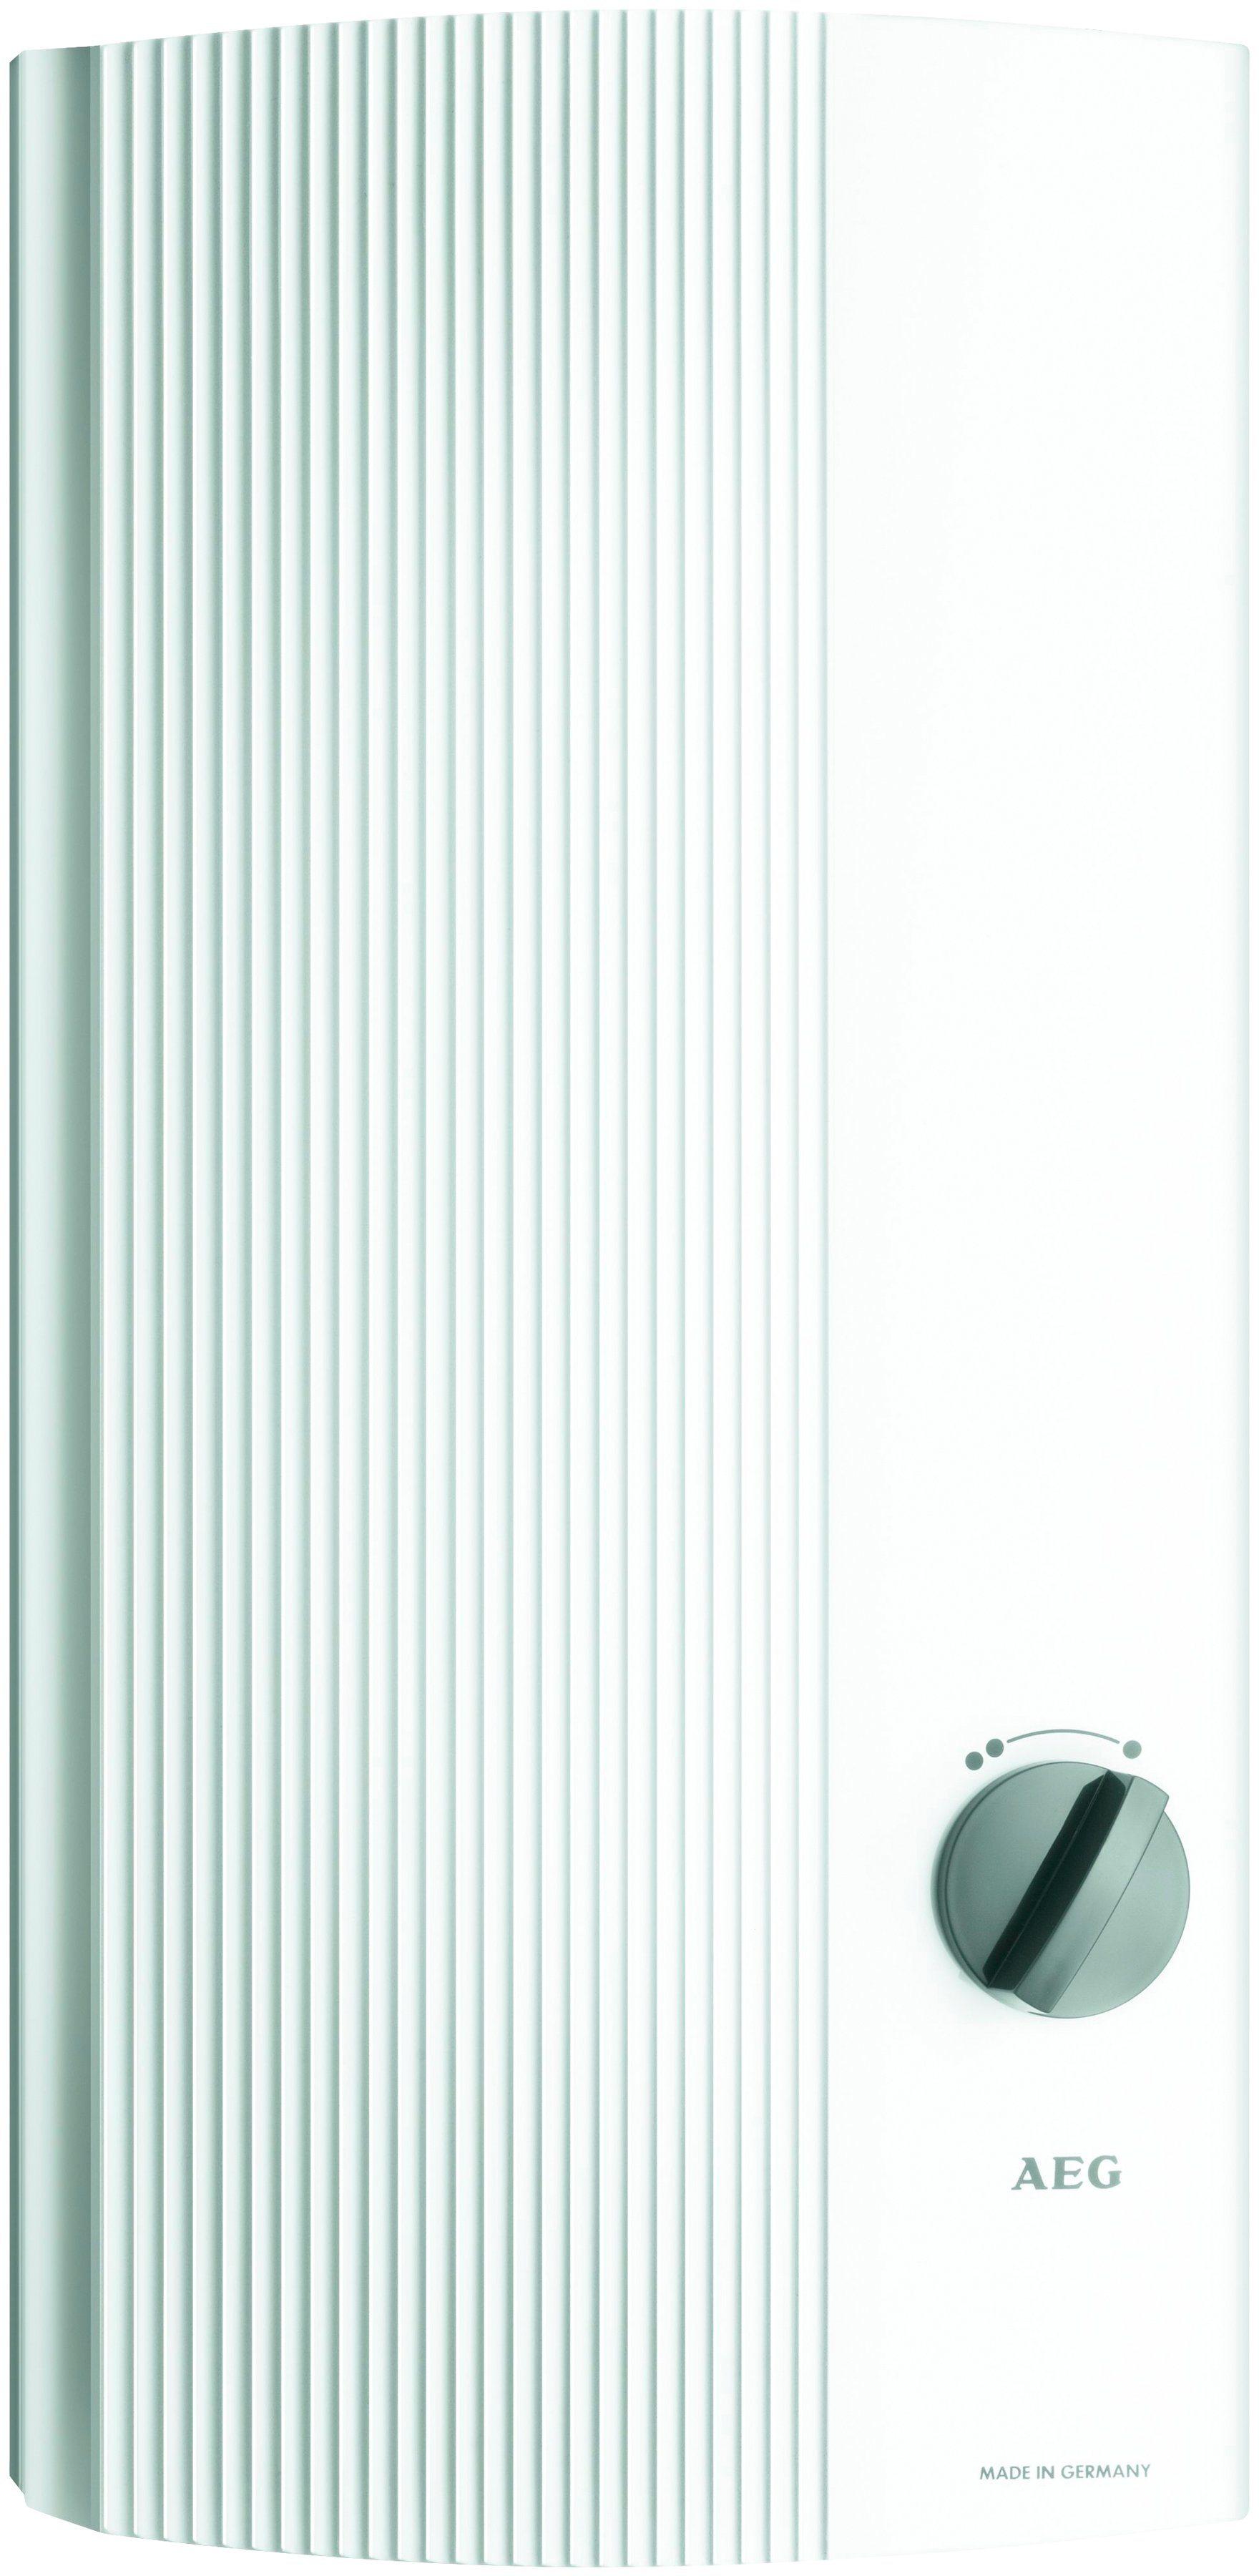 AEG Durchlauferhitzer »DDL PinControl 24« | Baumarkt > Heizung und Klima > Durchlauferhitzer | AEG